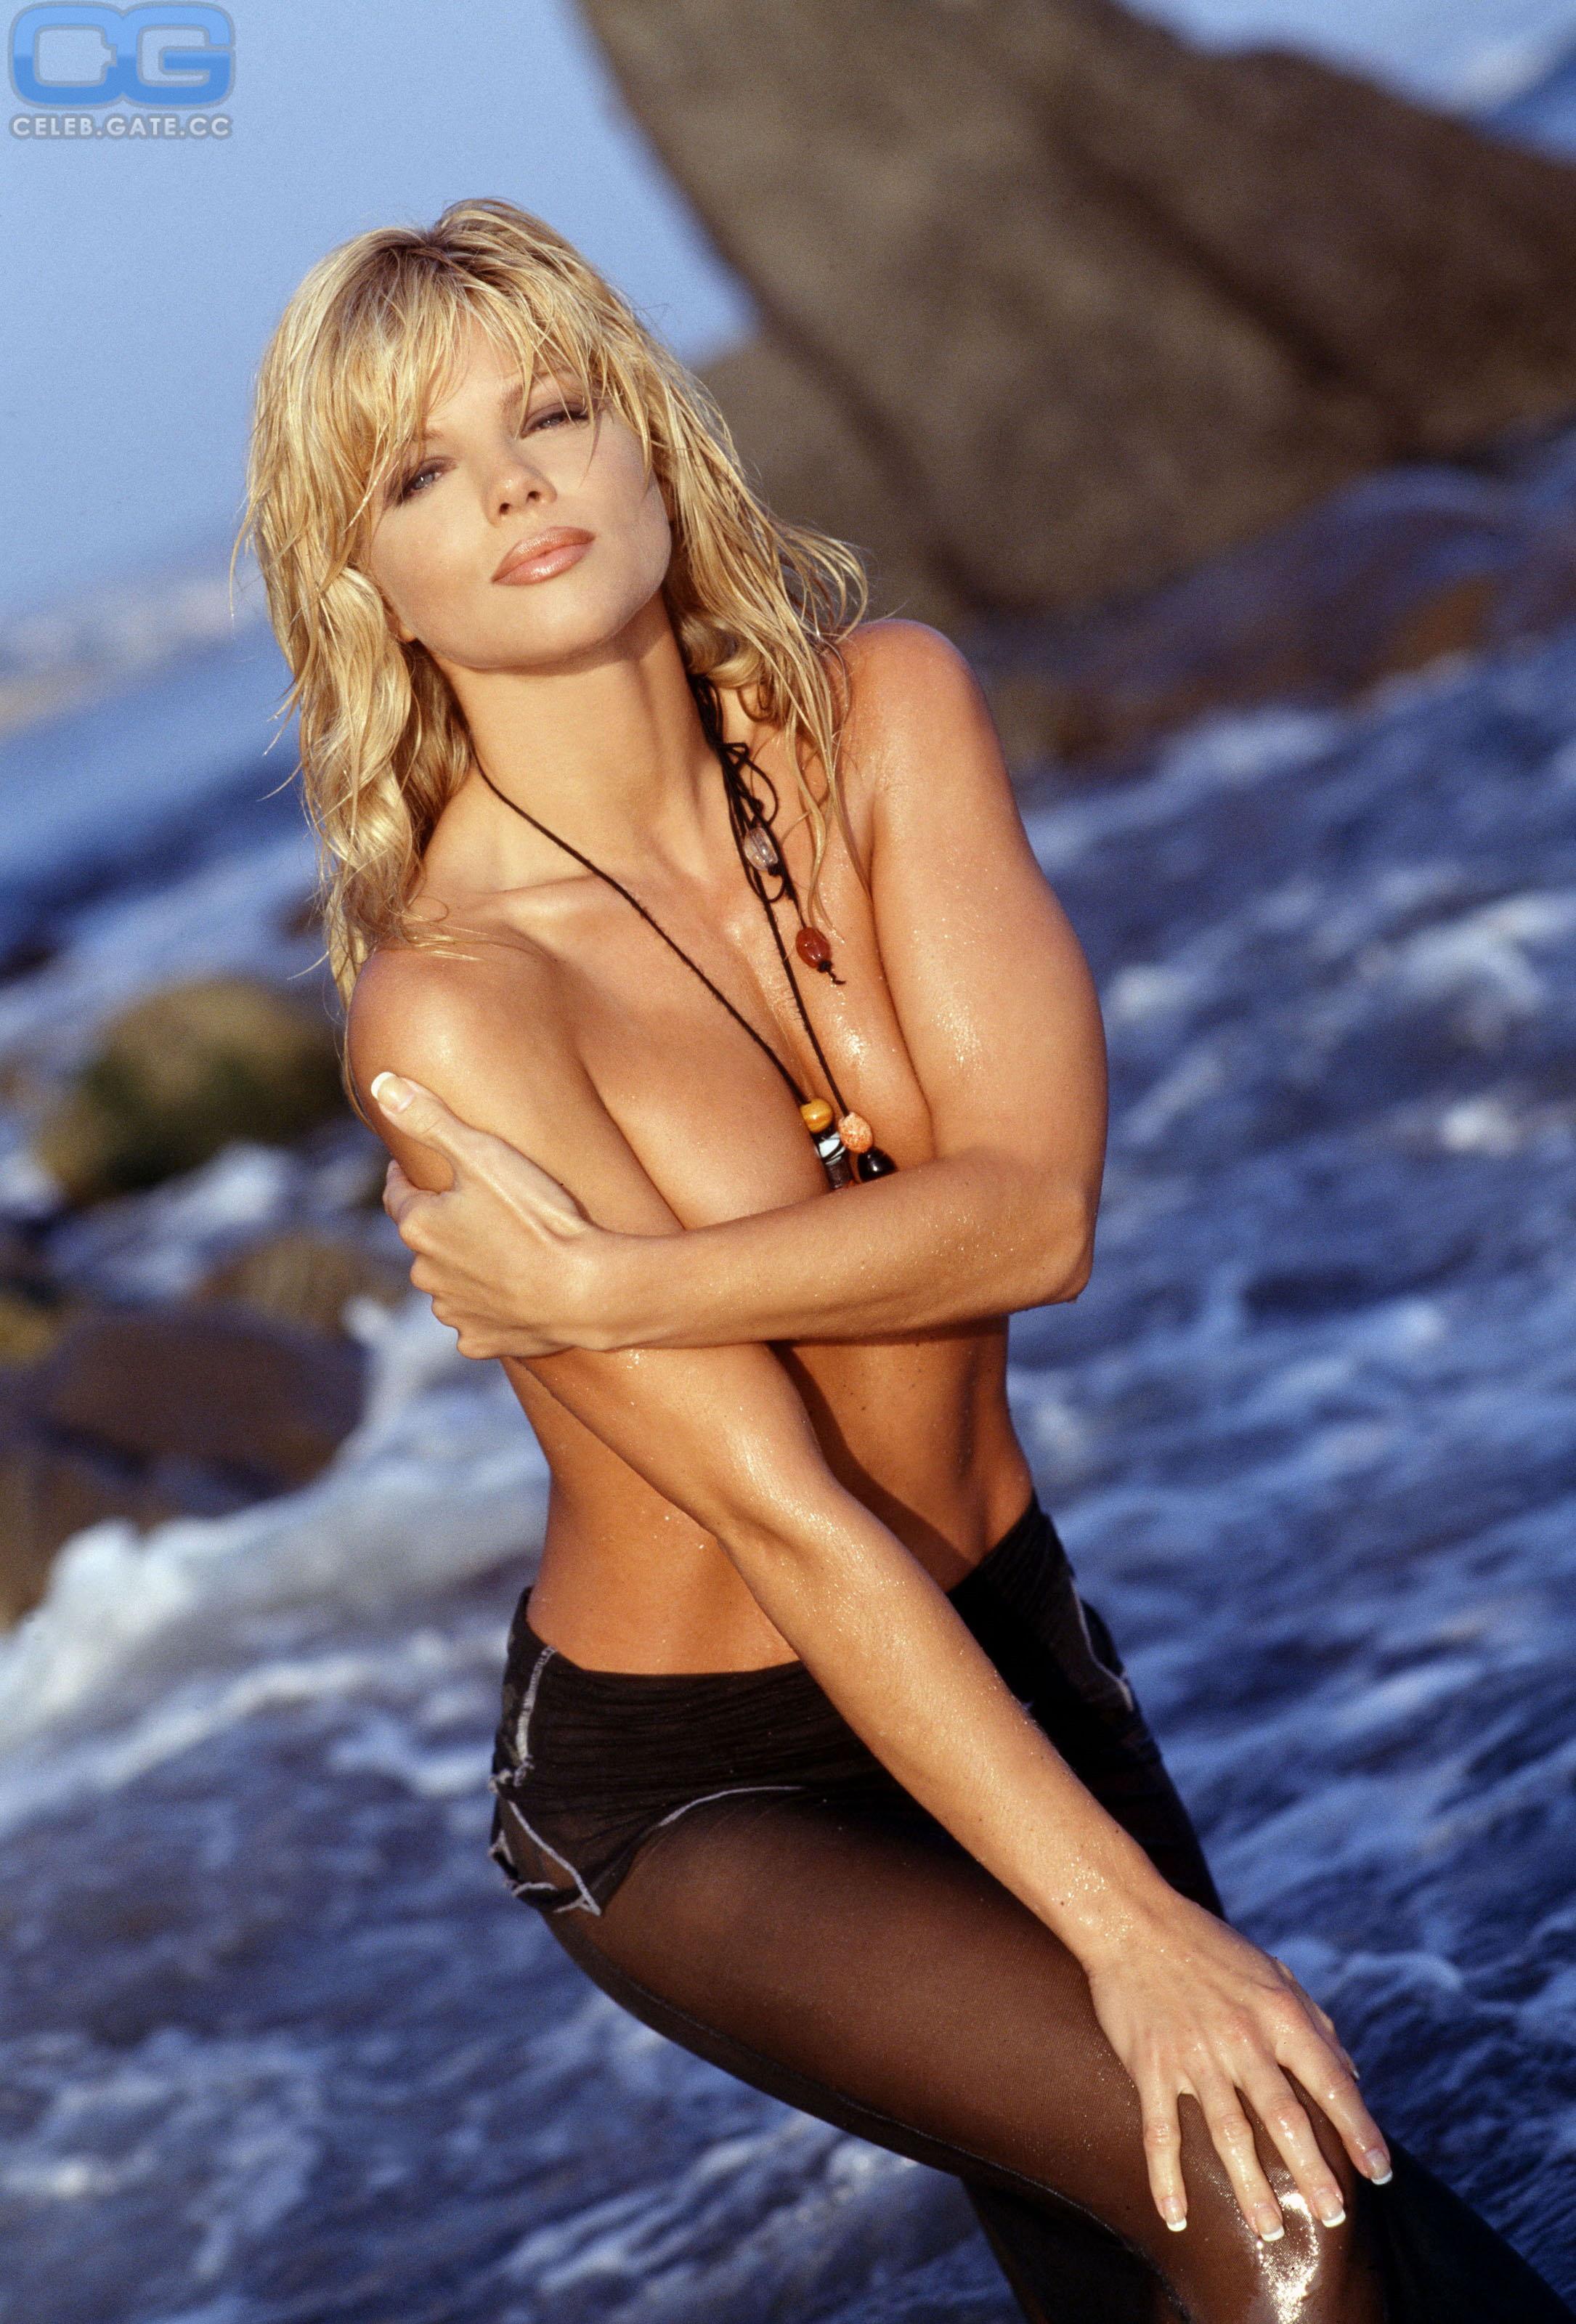 Errico donna nackt d 41 Sexiest